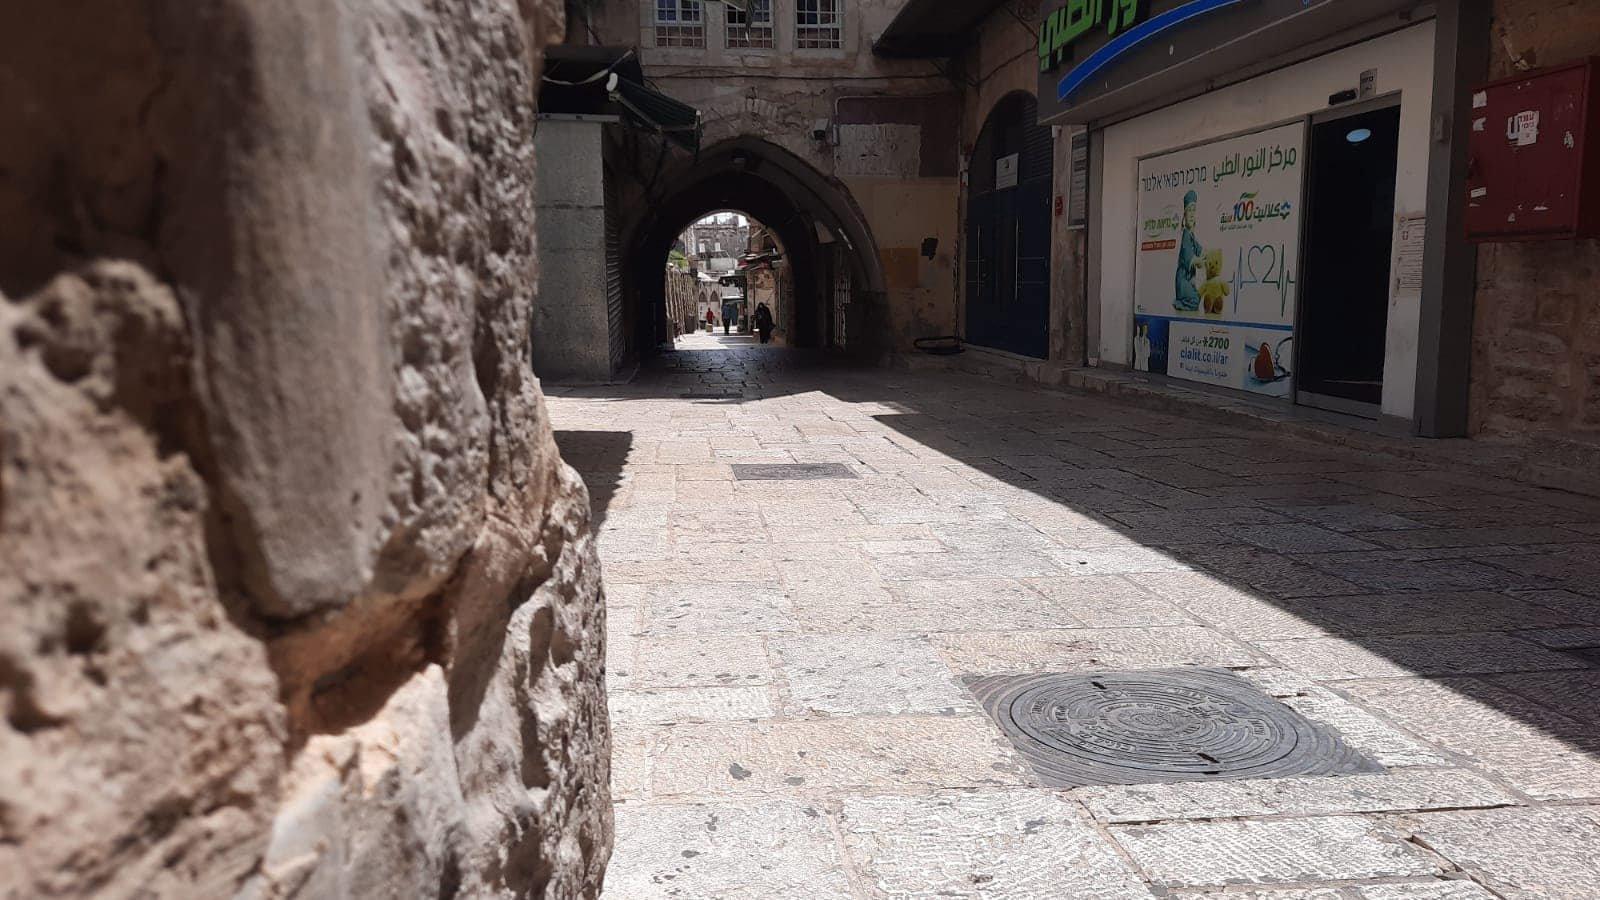 في يوم الغفران اليهودي: اغلاق للأحياء المقدسية وتضييق على السكان